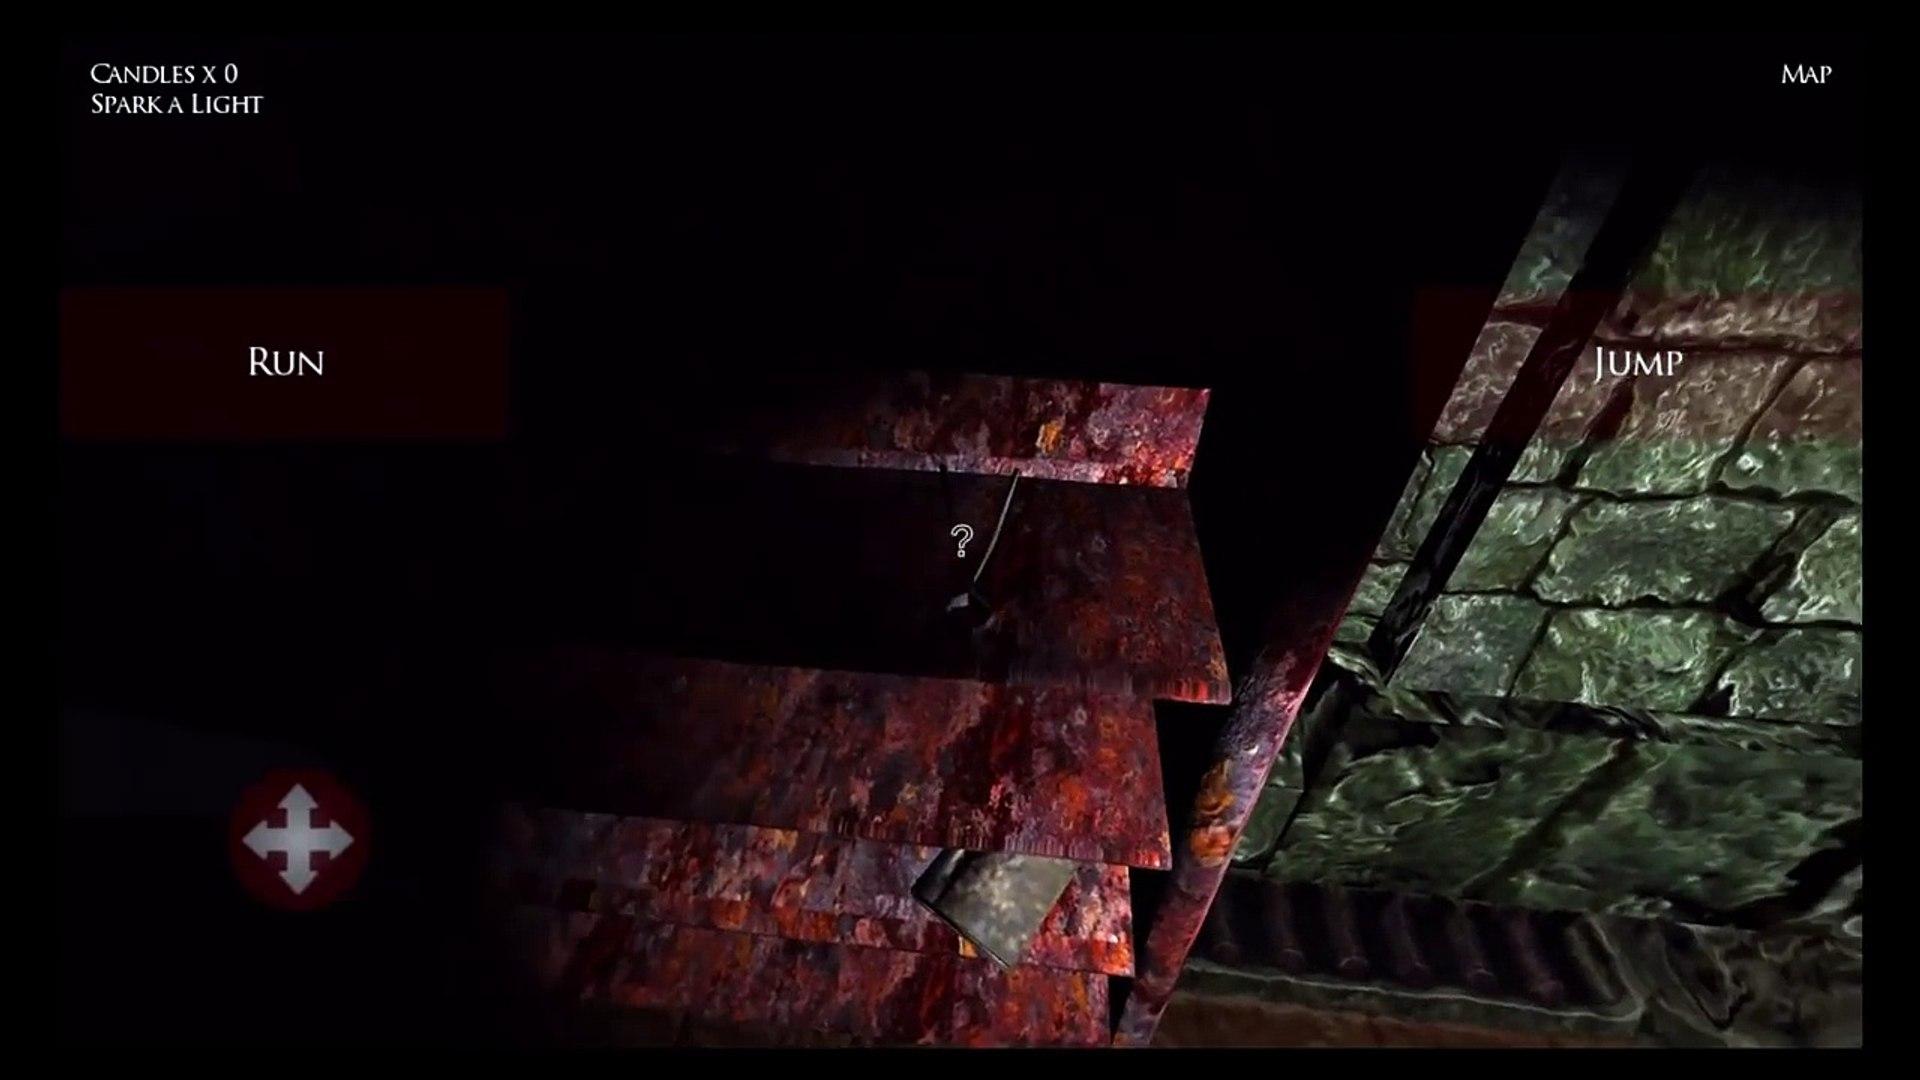 Андроид по бы подземелье Игры ИОС к к к к к к обезьяна кошмары видео II